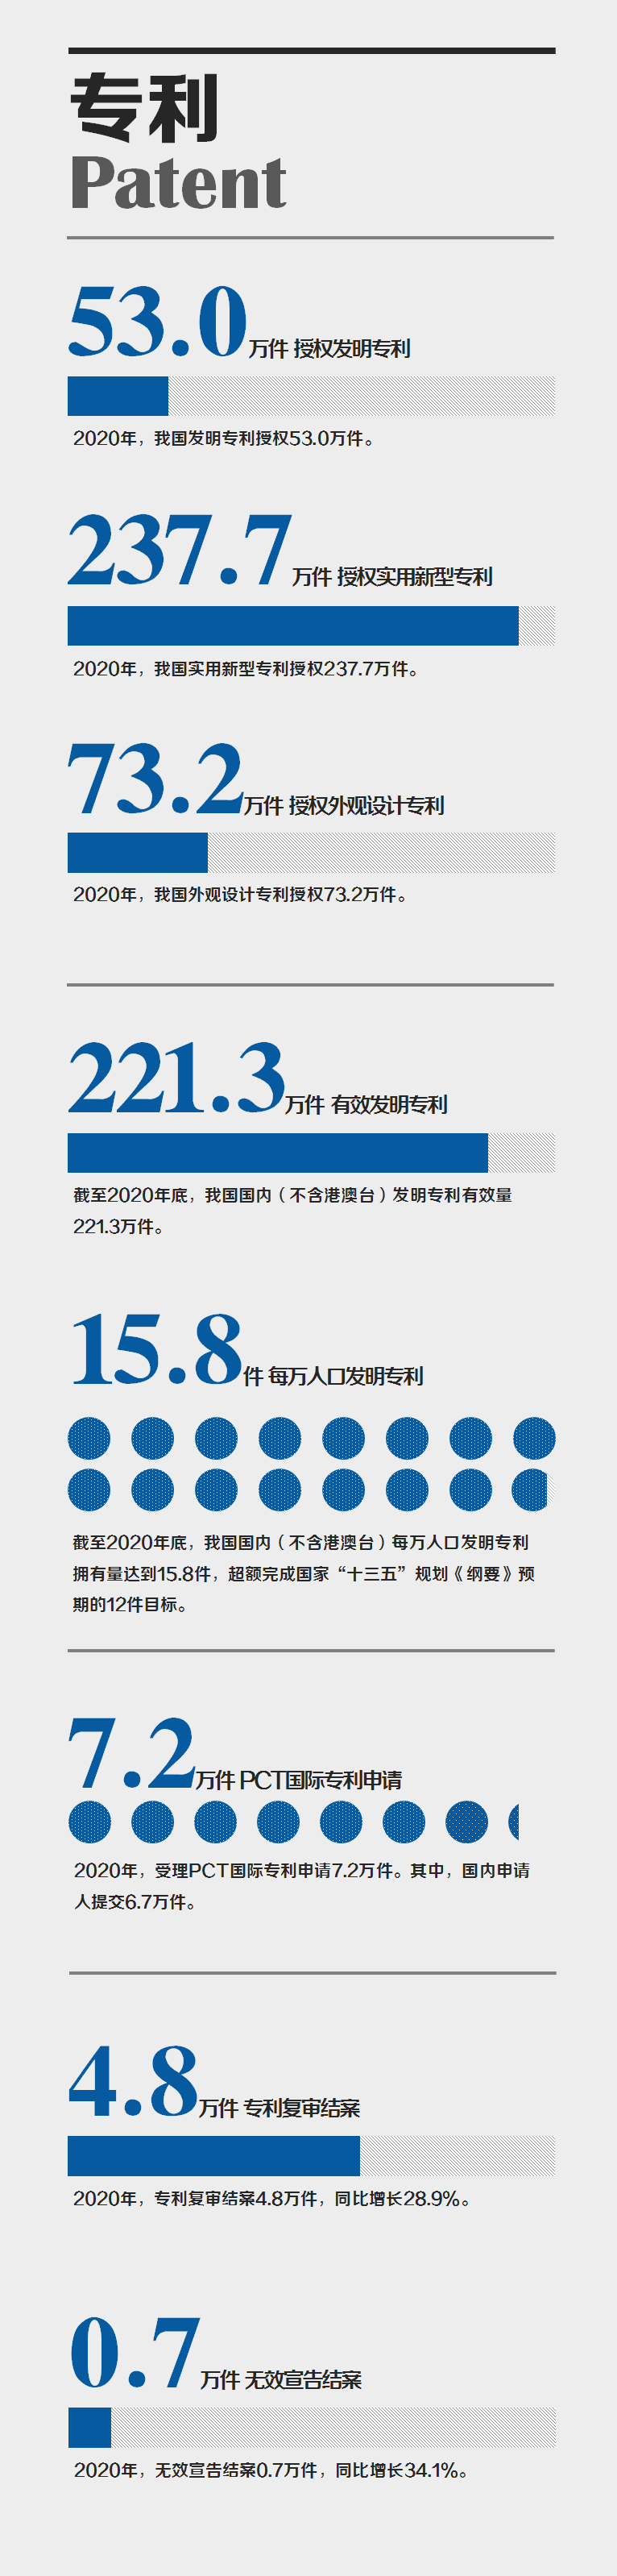 国家知识产权局发布2020年数据,呈现哪些新趋势,新特点?